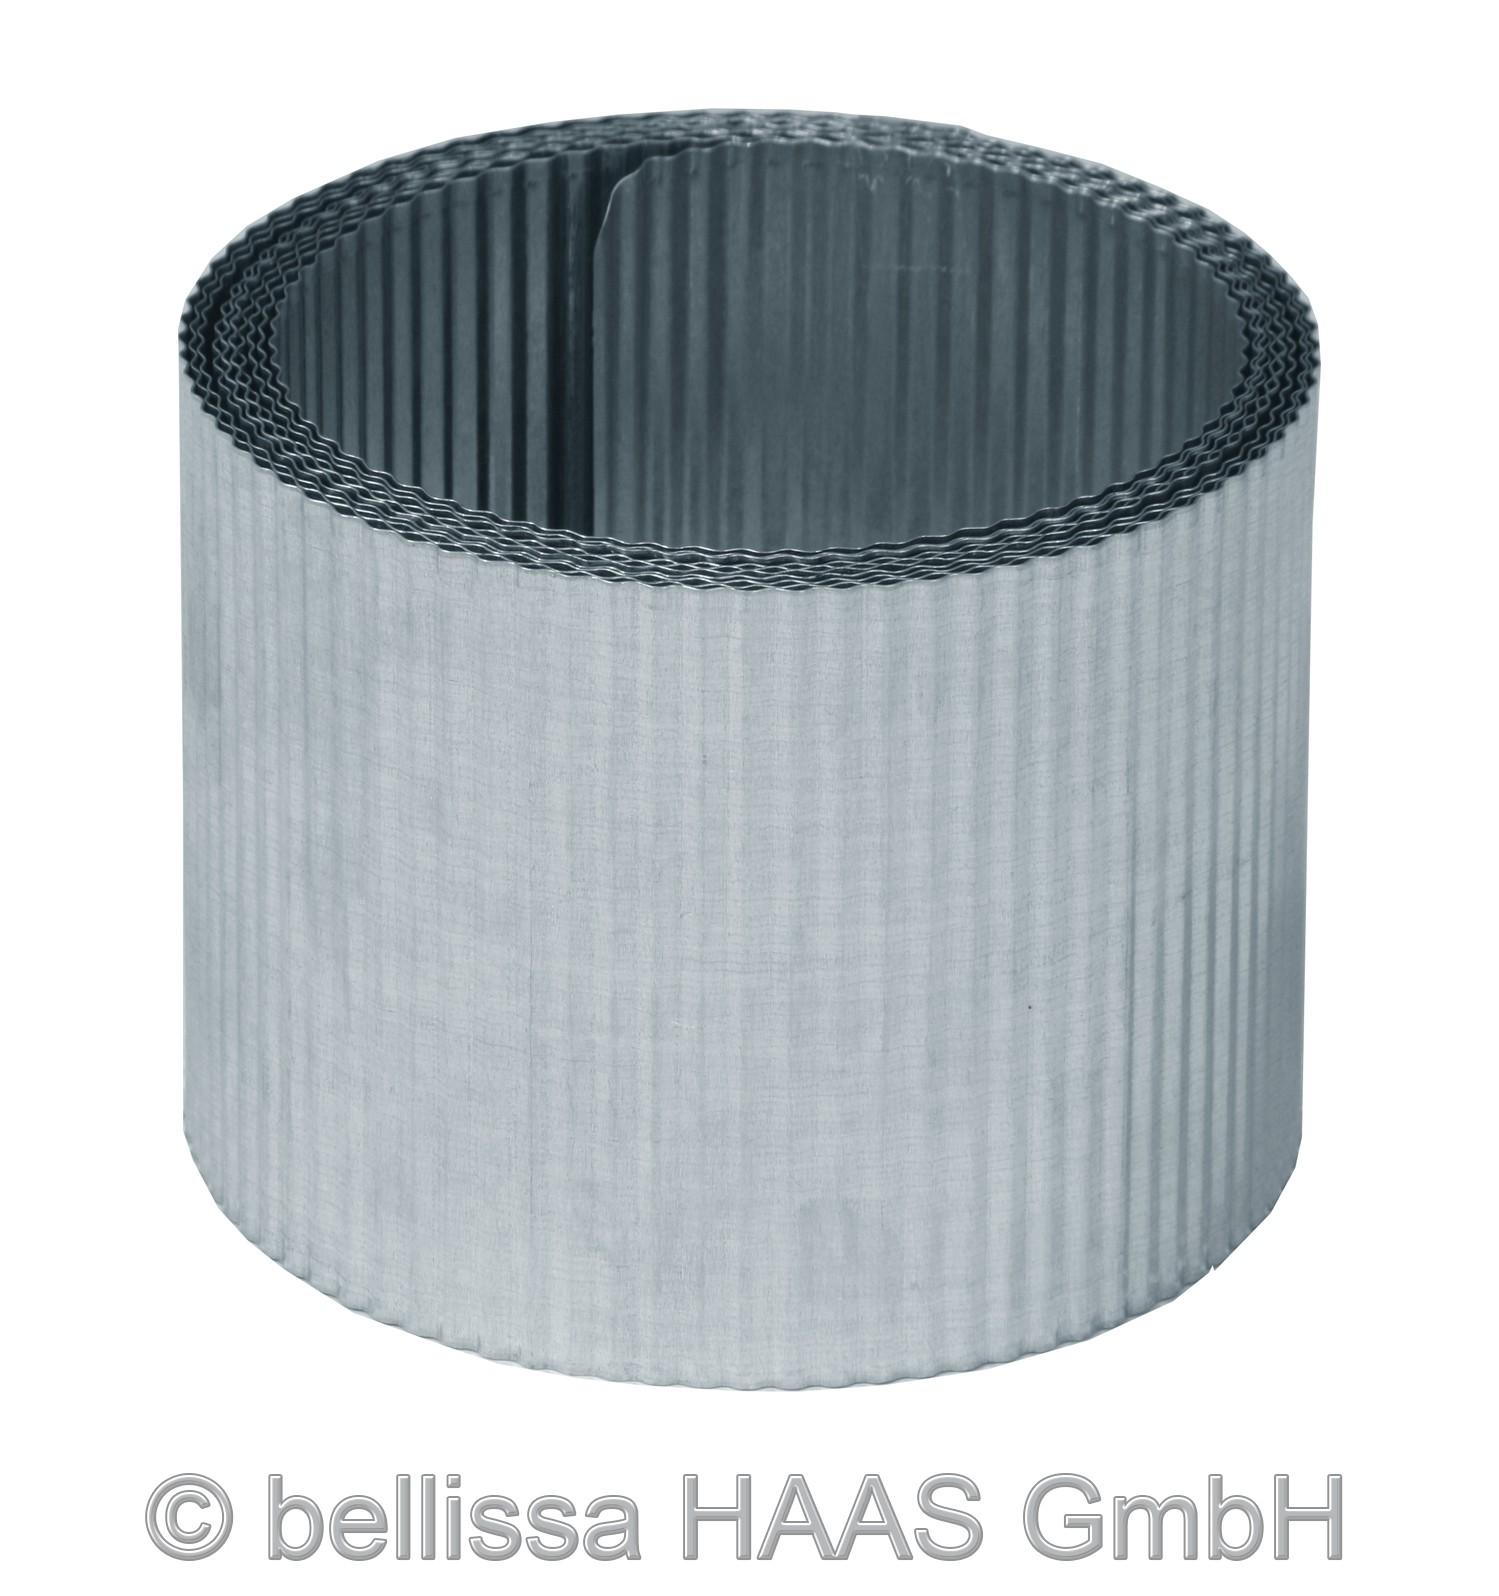 Rasenkante Metall verzinkt kleine Welle bellissa L500xH14cm Bild 1